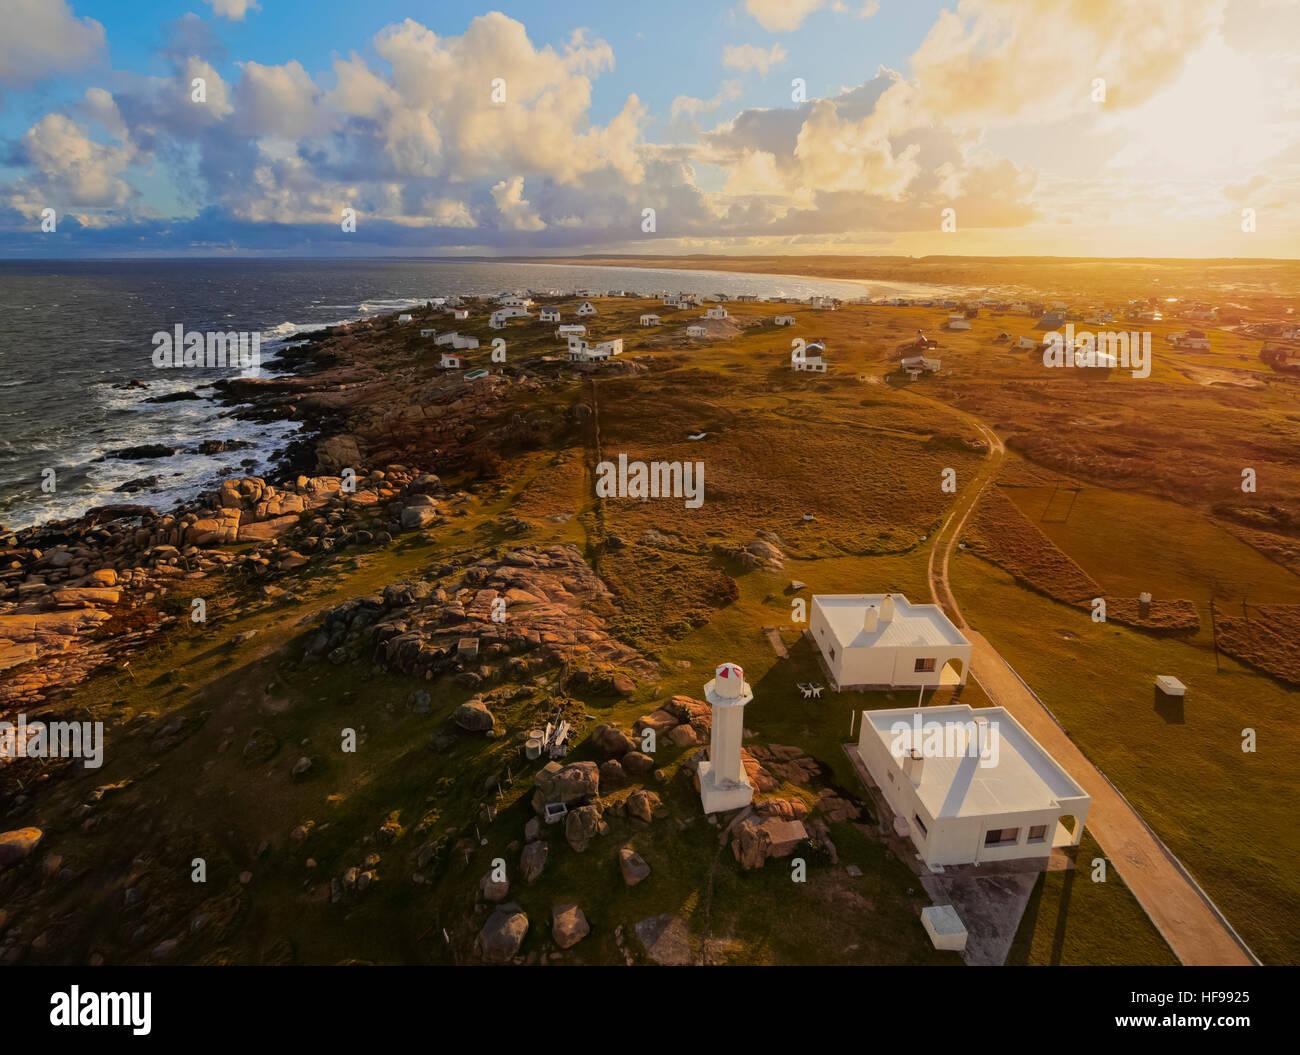 Vista de Cabo Polonio al atardecer, Departamento de Rocha, Uruguay Imagen De Stock